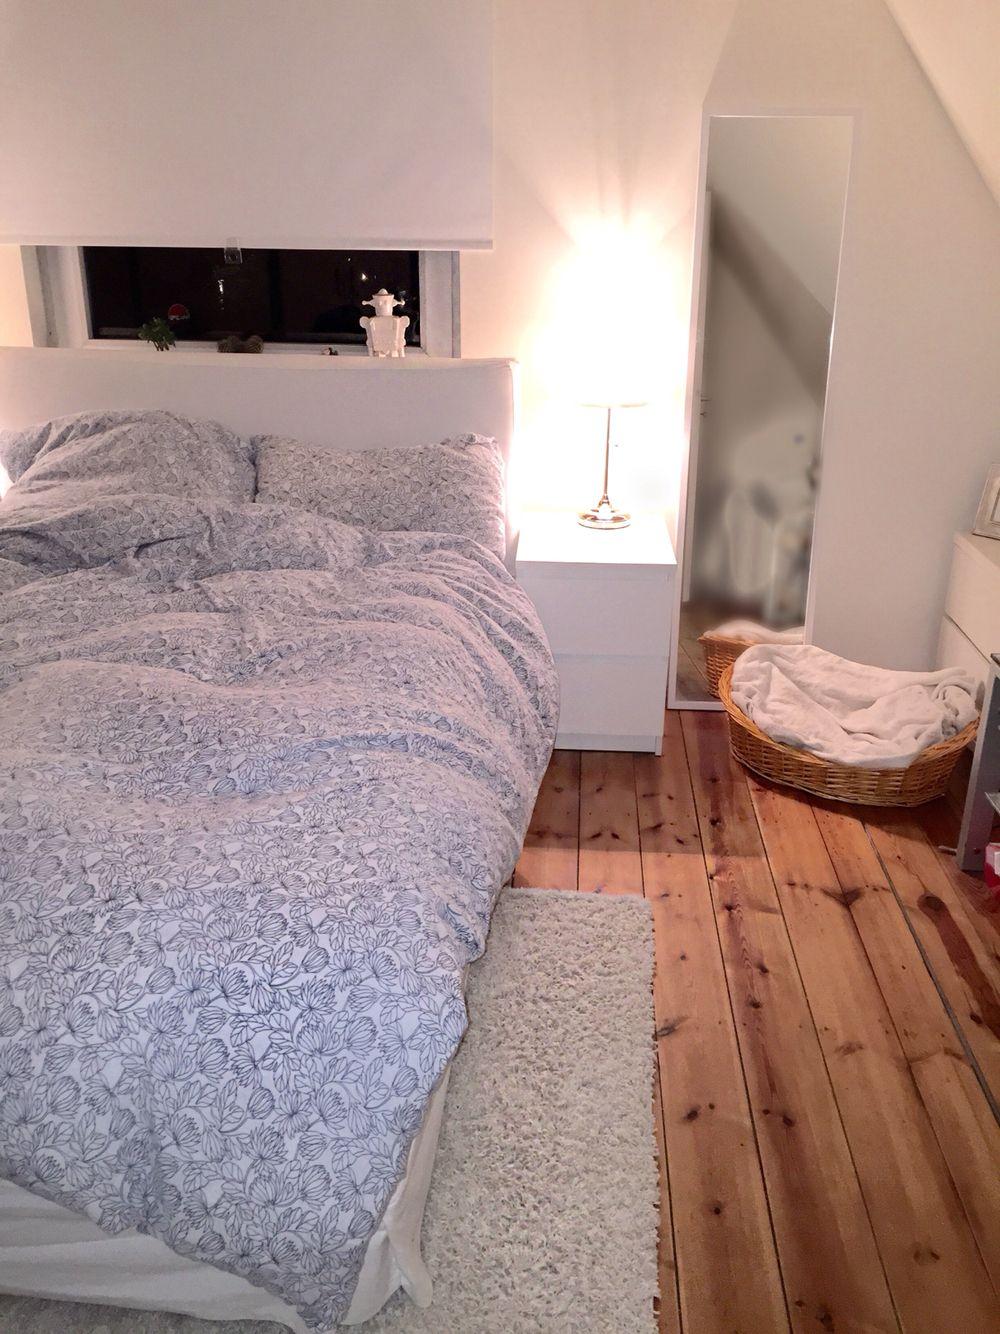 Ikea White Bedroom Ideen Fur Die Schlafzimmer Gestaltung Malm